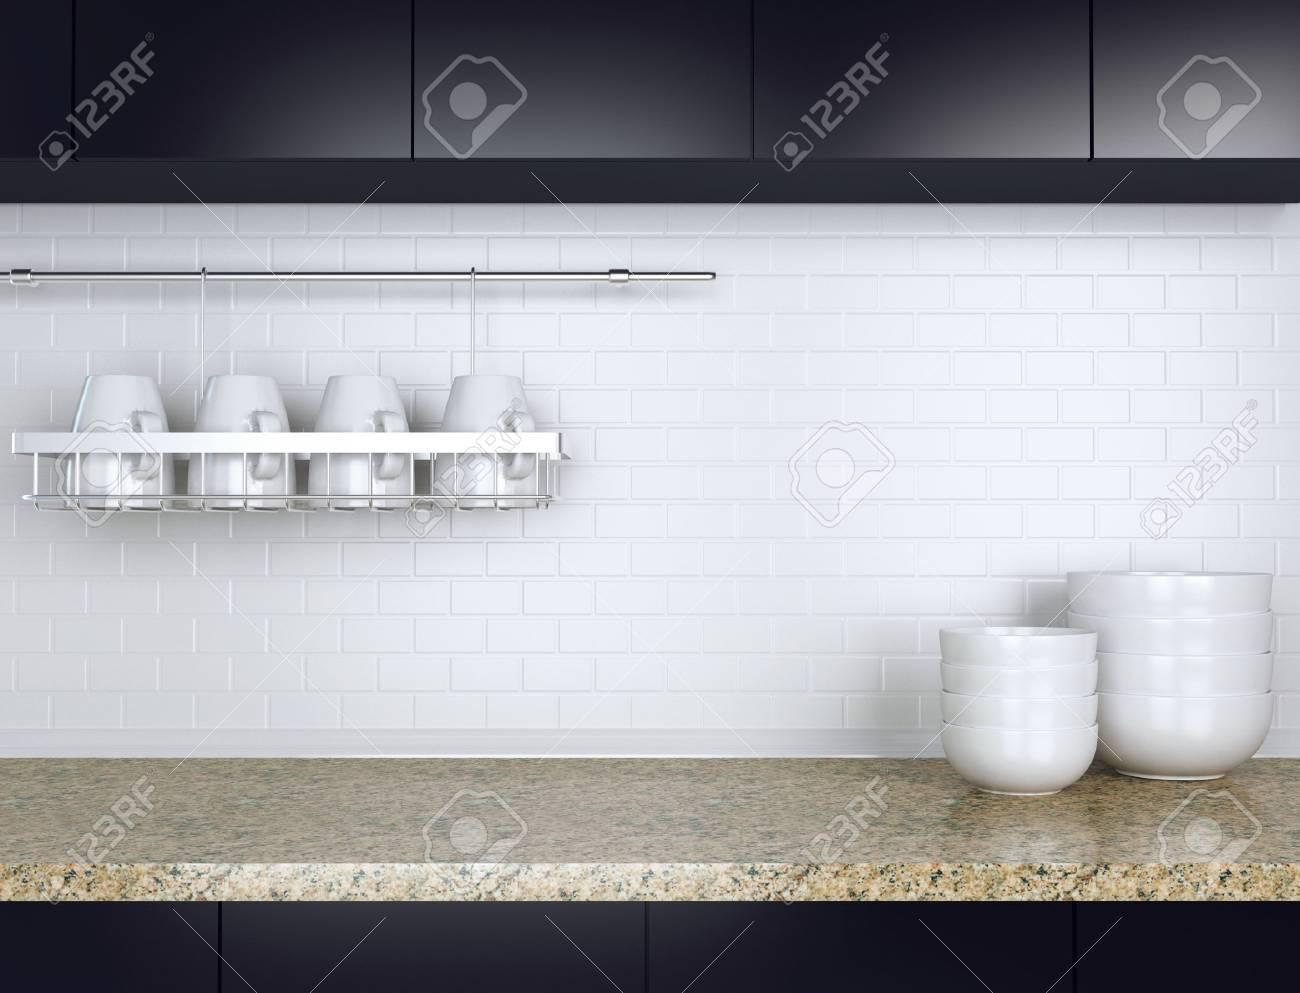 Keramisch keukengerei op het marmeren werkblad. zwart en wit ...